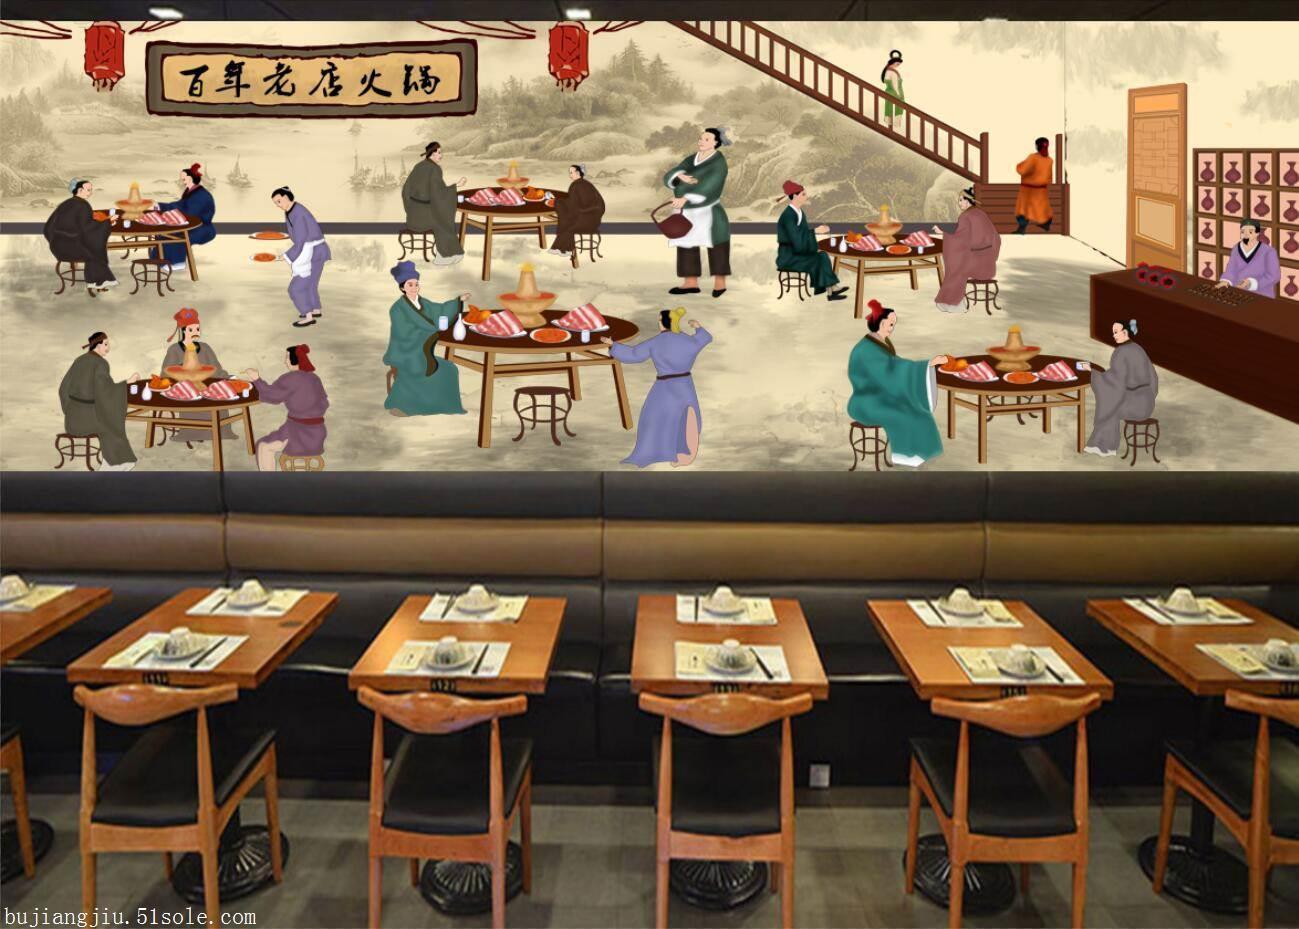 老北京四季涮肉无缝壁画,北京火锅饭店背景墙,有3000多张壁画素材供你